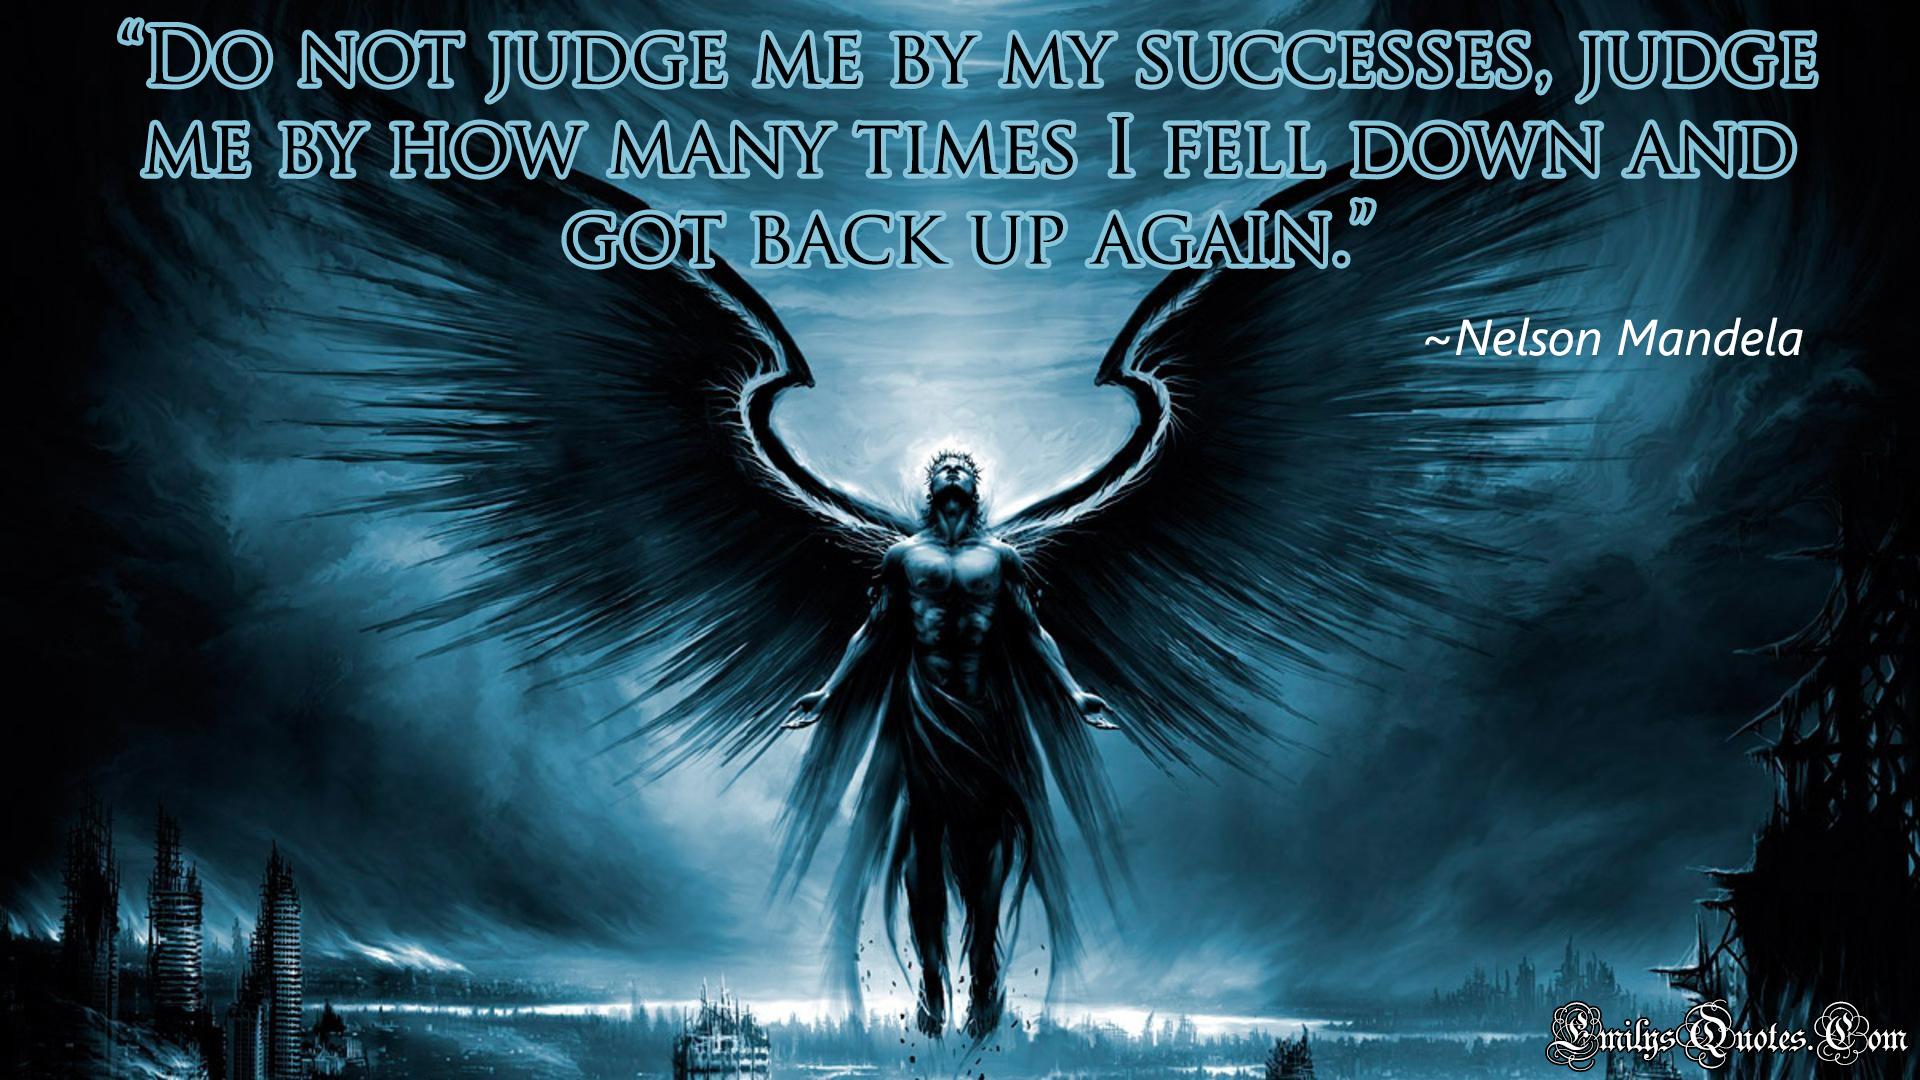 EmilysQuotes.Com - judge, wisdom, Nelson Mandela, success